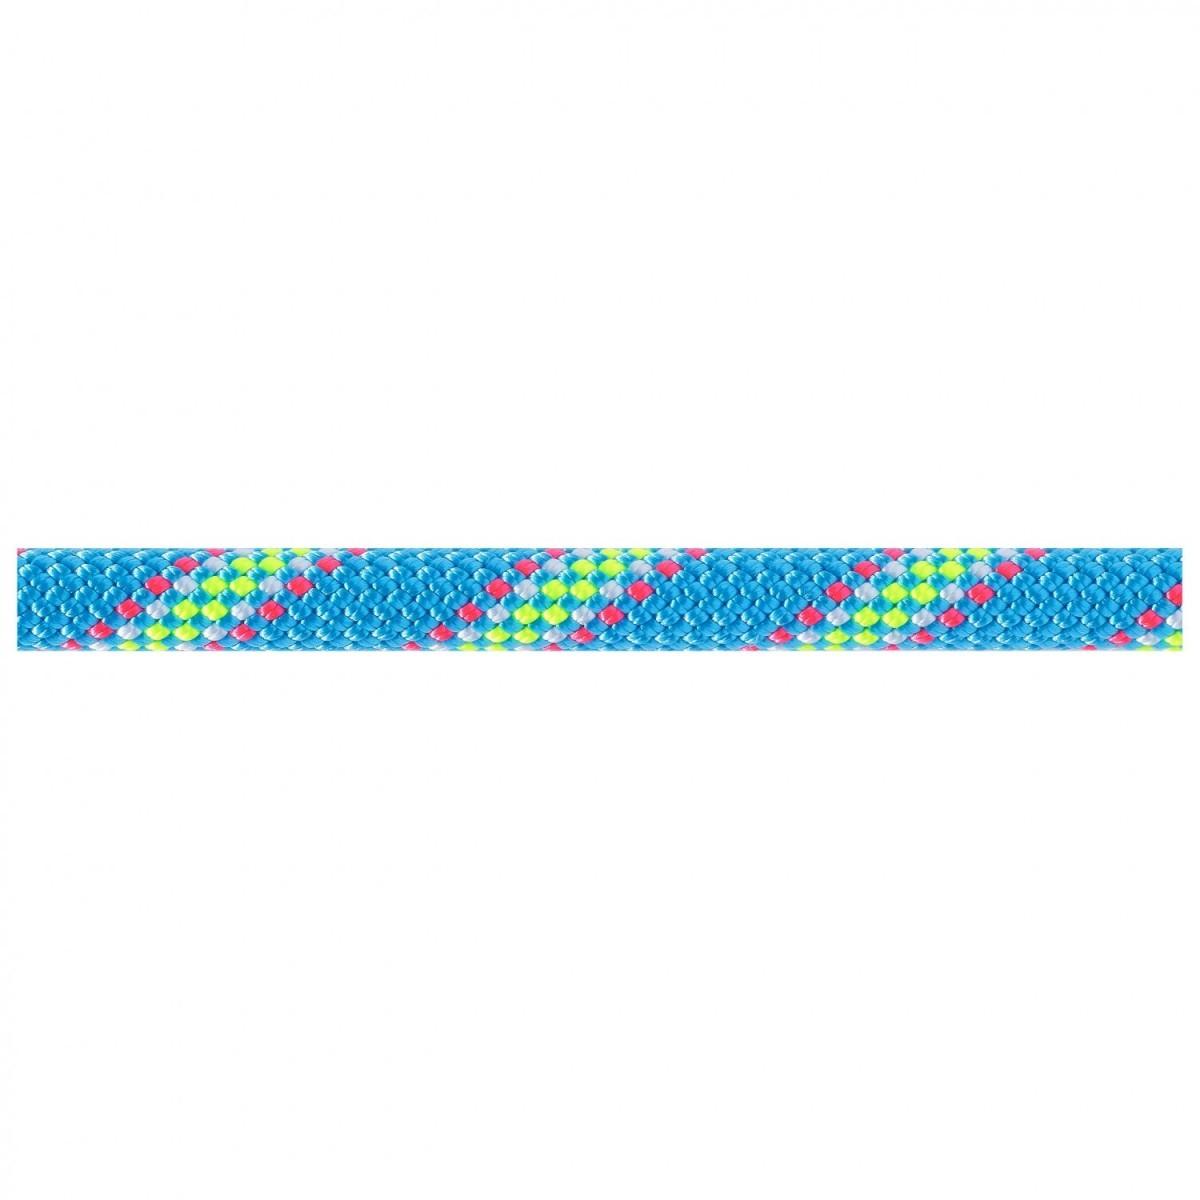 BEAL べアール Zenith 9.5(60m - Blue)★ロープ・ザイル・登山・クライミング★